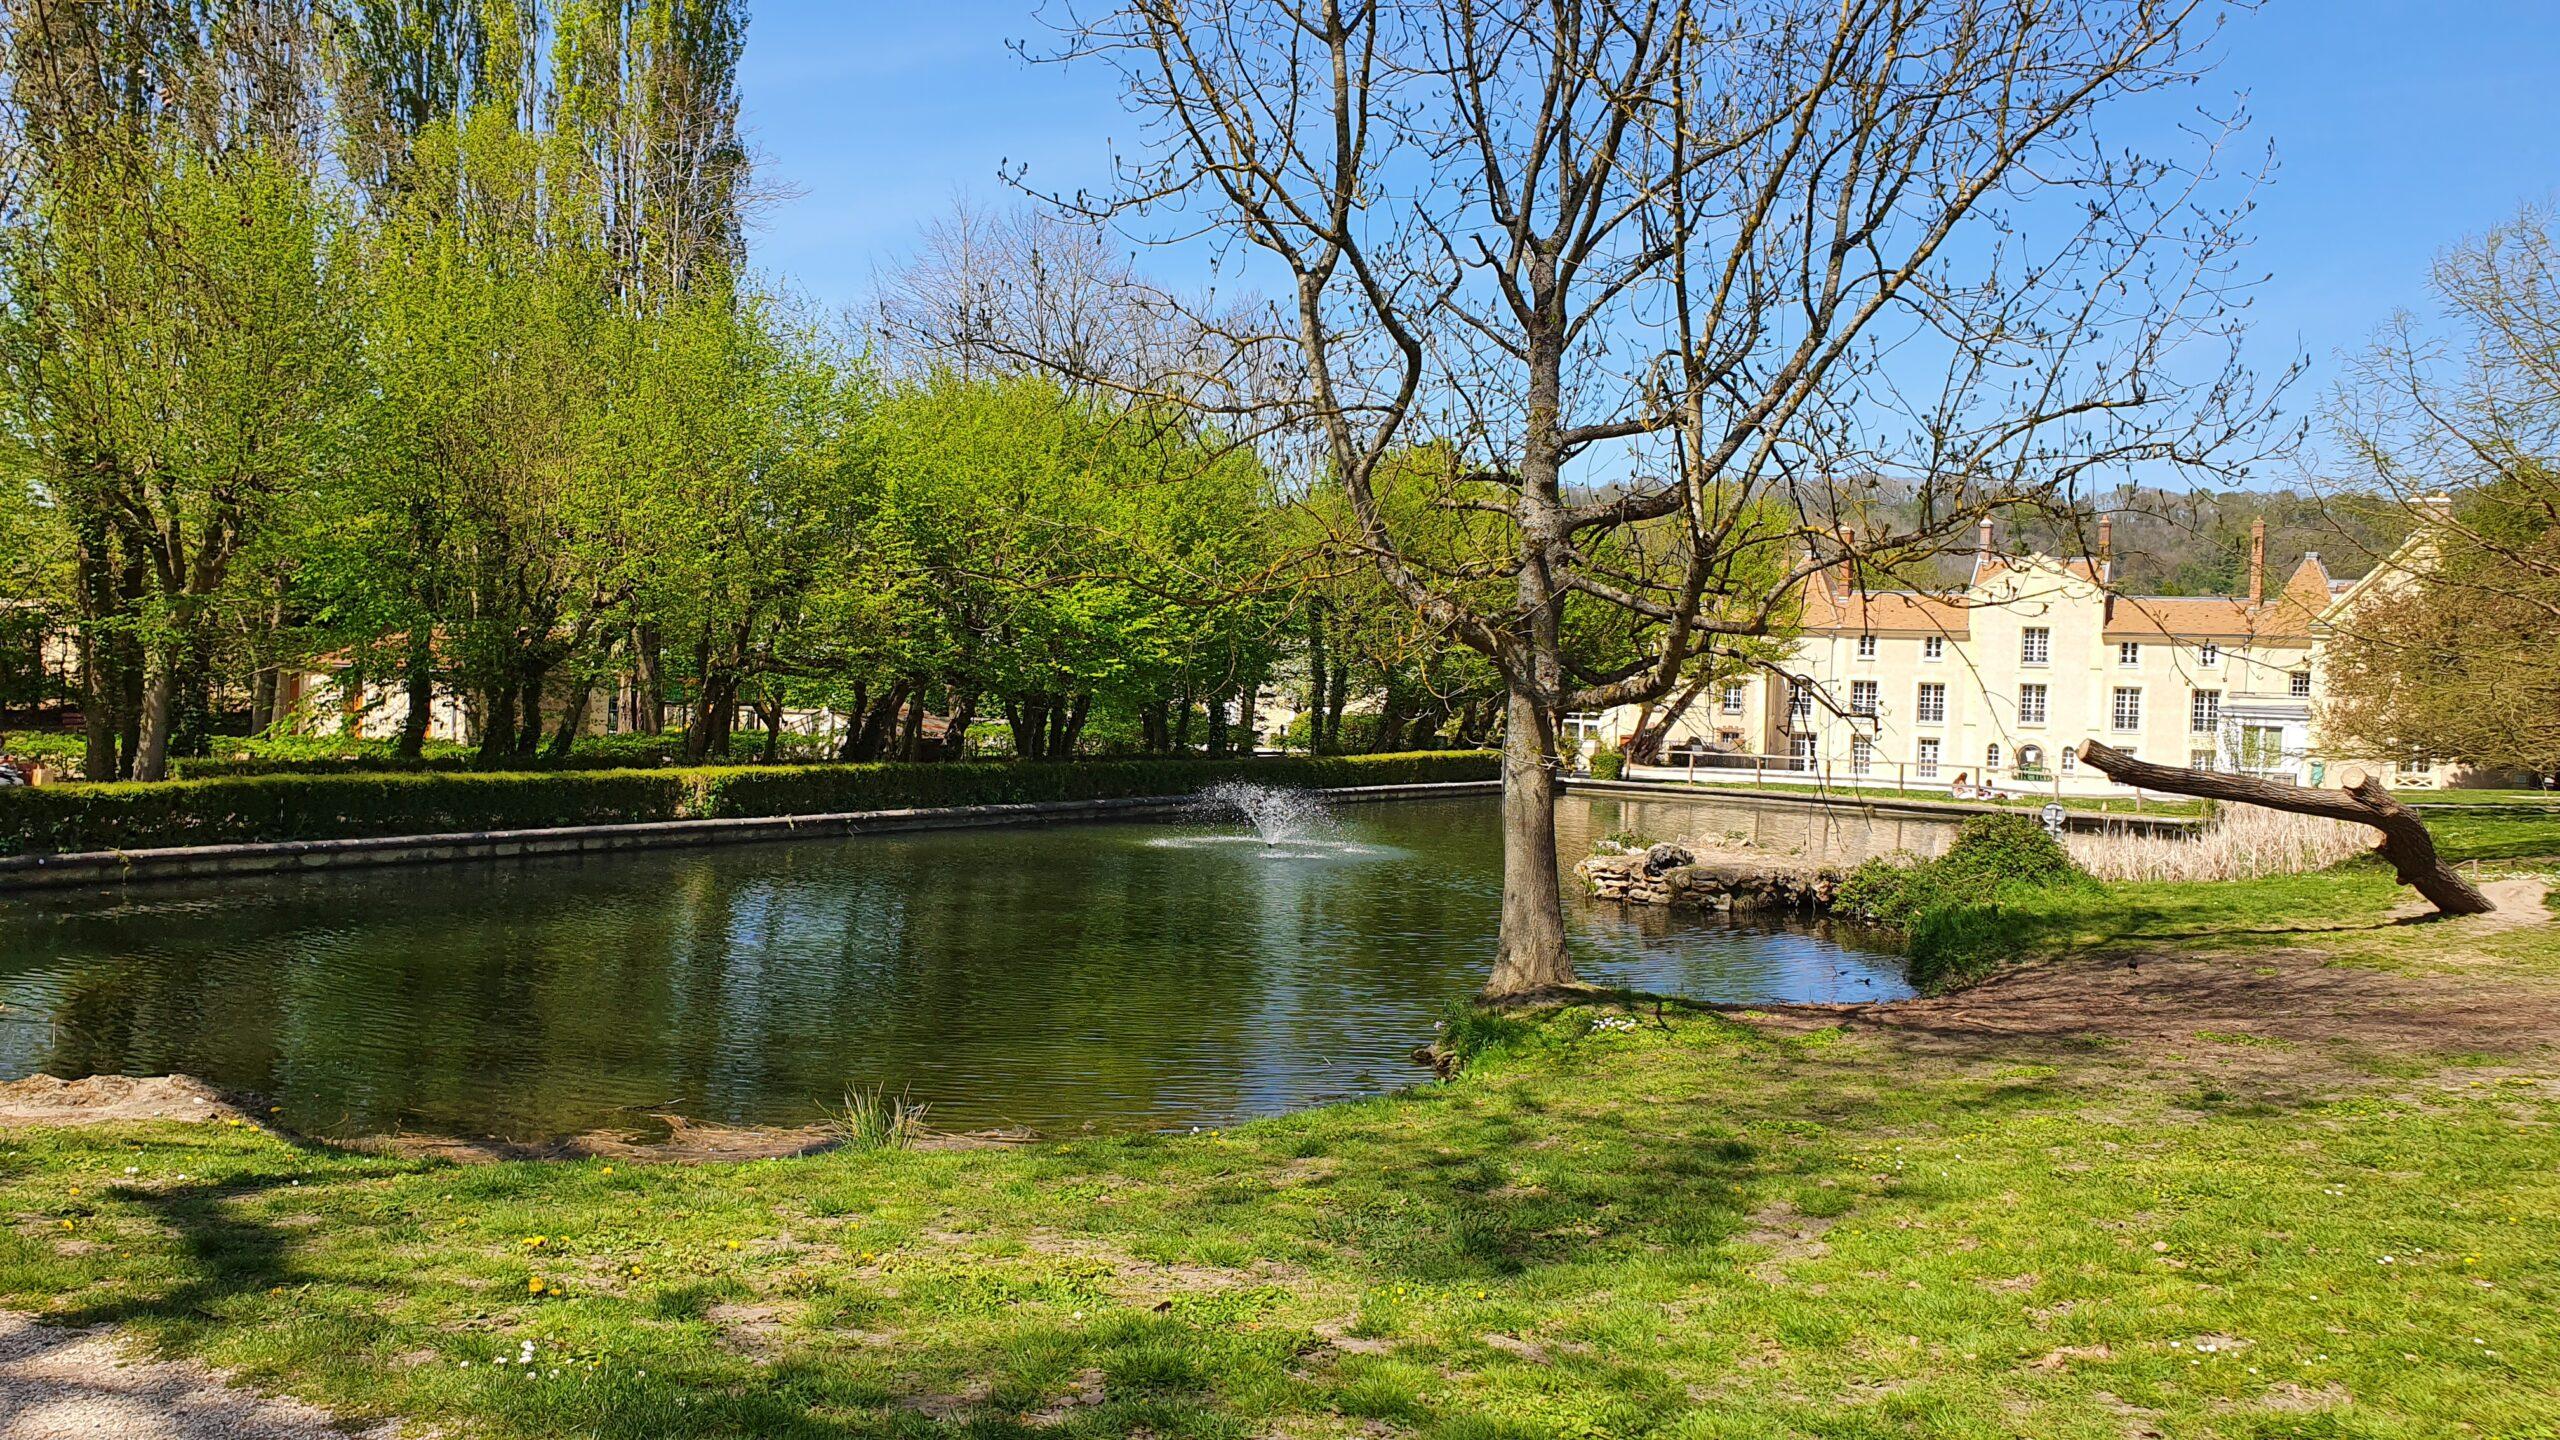 Parc de La Grande Maison - 1Parc de La Grande Maison - Bures-sur-Yvette1